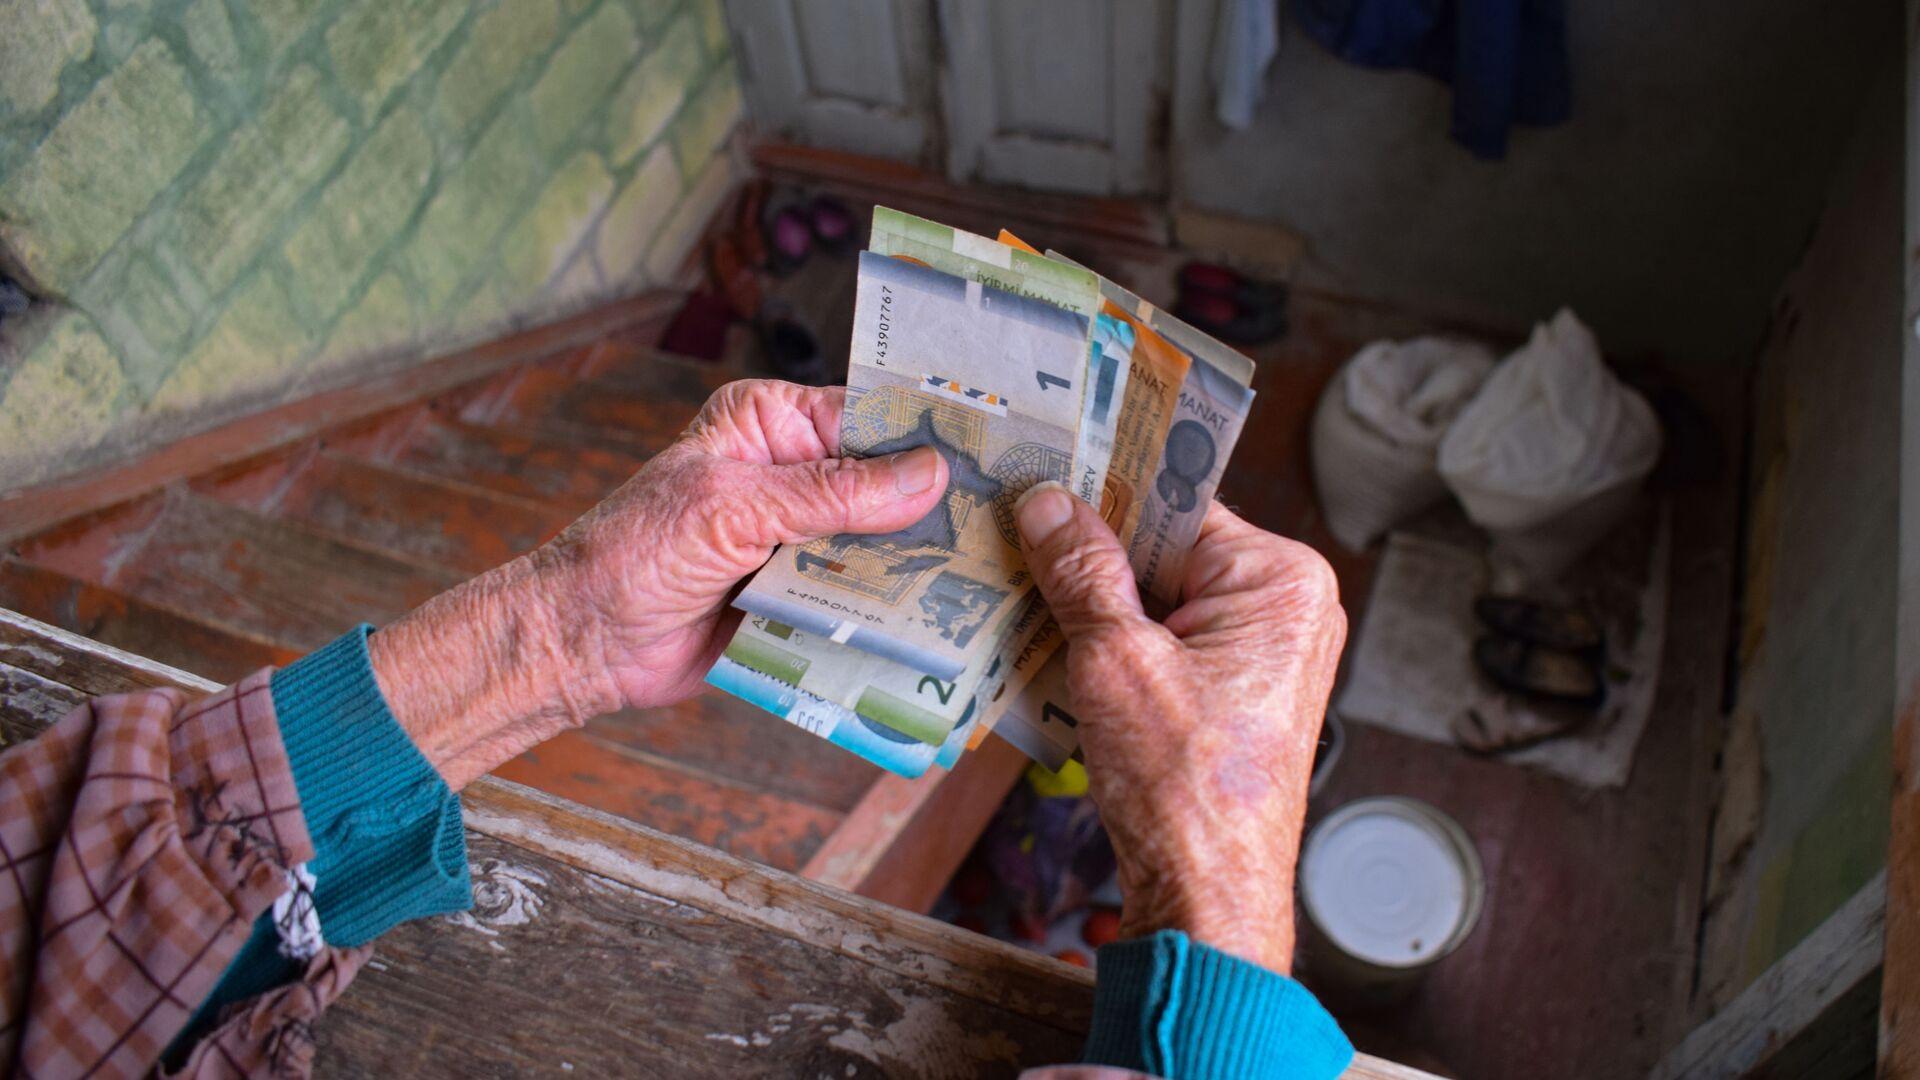 Пожилая женщина, фото из архива - Sputnik Azərbaycan, 1920, 06.09.2021